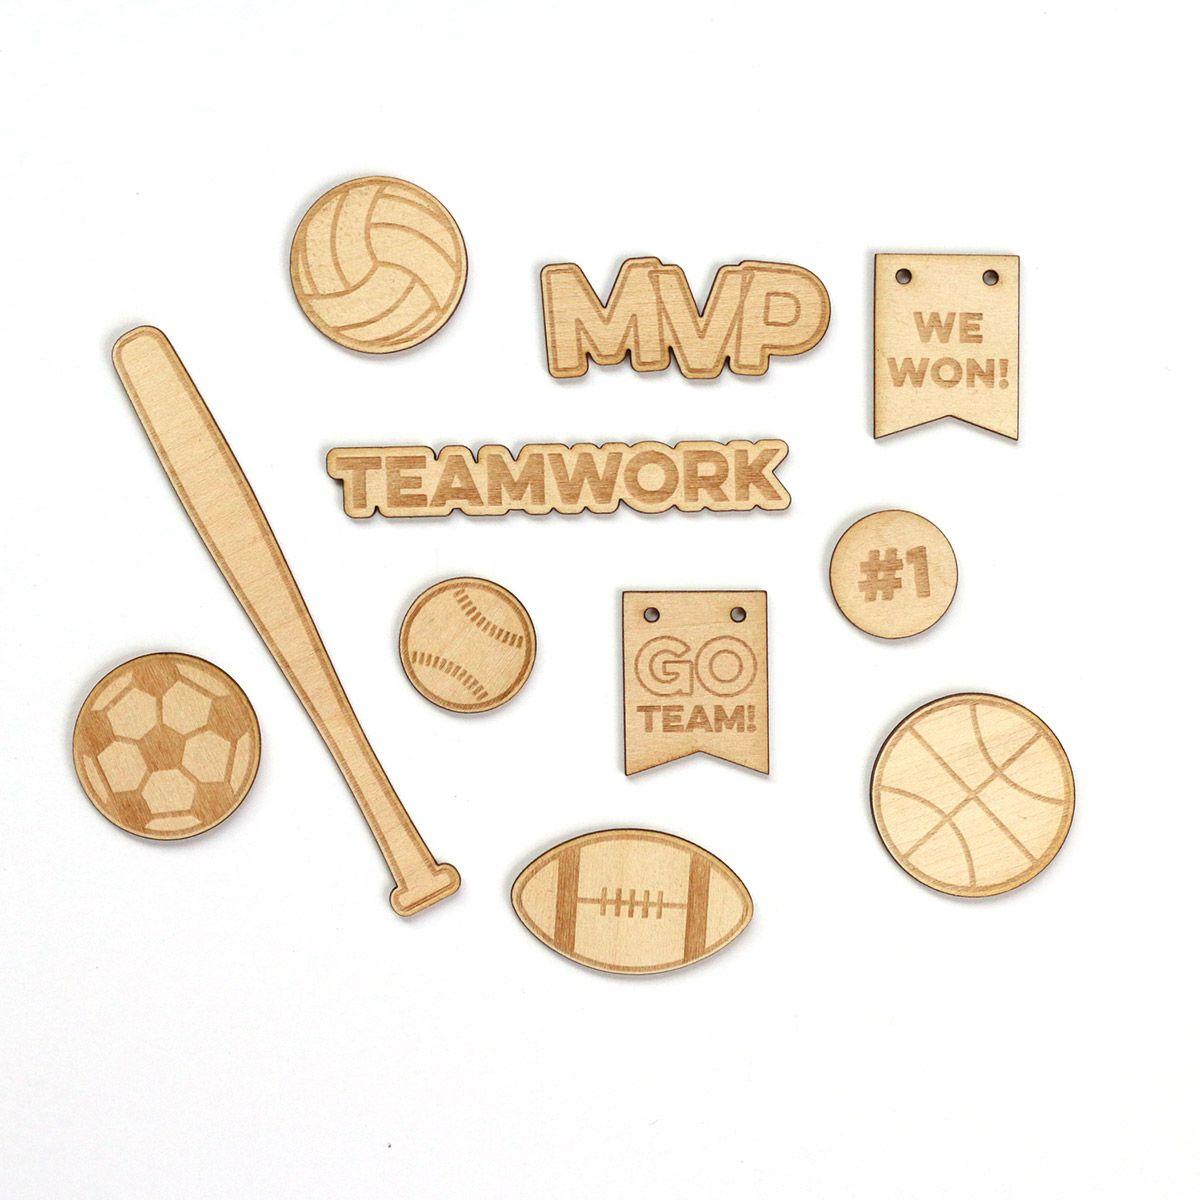 Go Team Wood Veneer Great For Scrapbook Layouts Project